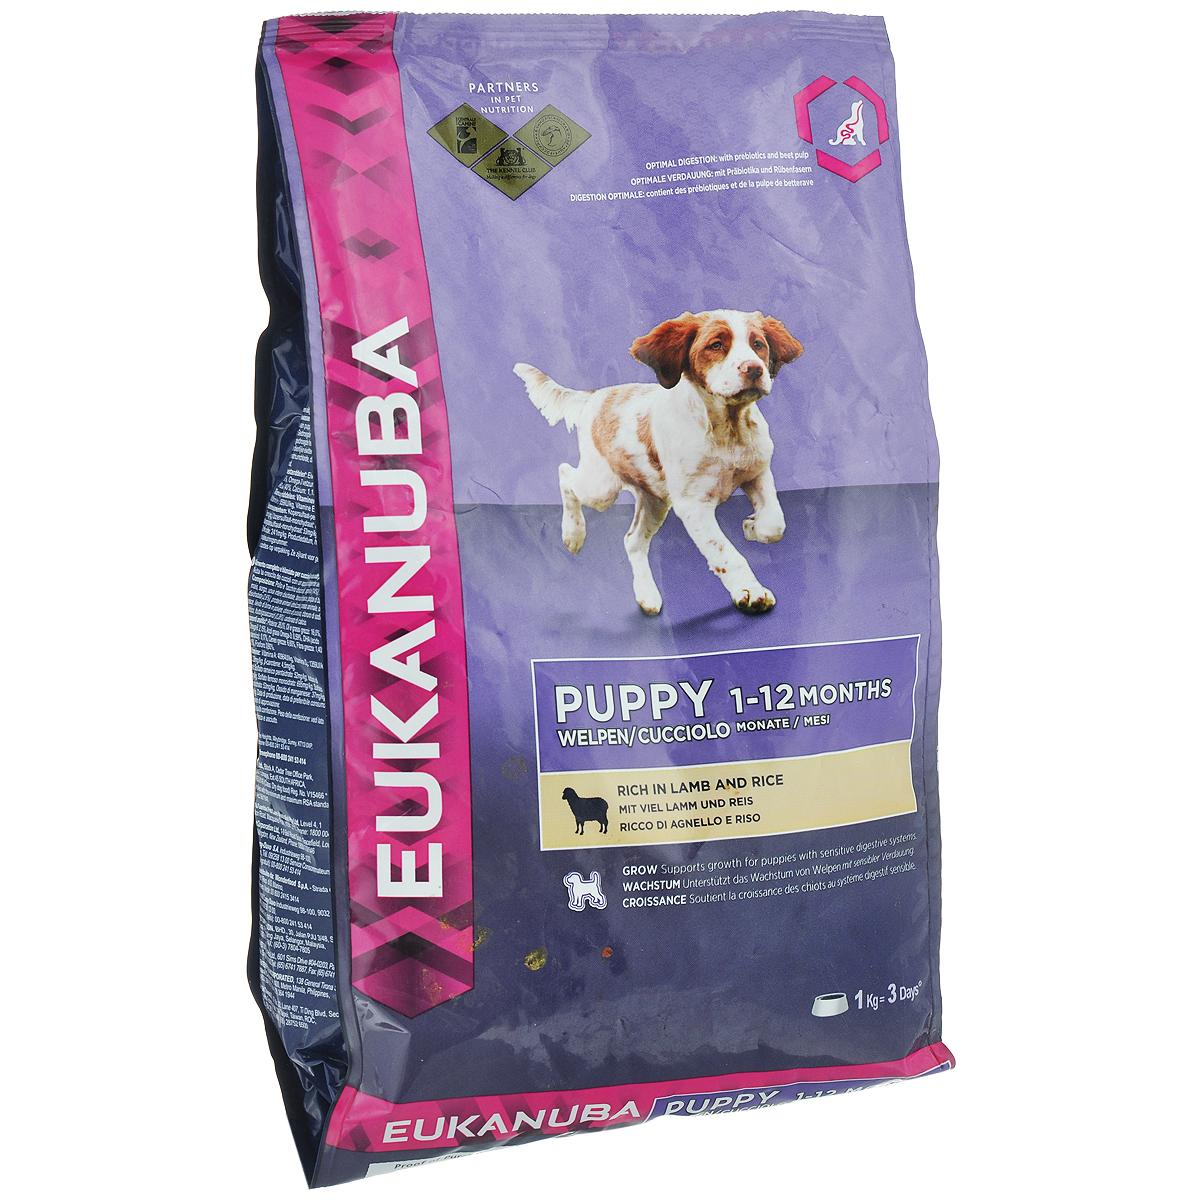 Корм сухой Eukanuba для щенков всех пород, с ягненком и рисом, 12 кг81377699Сухой корм Eukanuba является полноценным сбалансированным питанием для щенков всех пород. Корм Eukanuba заботится о здоровье вашего любимца. Особенности корма Eukanuba: - благодаря большому содержанию мяса ягненка содействует построению и сохранению мускулатуры для наилучшей физической формы; - важный антиоксидант поддерживает естественную защиту организма вашего щенка; - пребиотики и пульпа сахарной свеклы способствуют поддержанию здорового пищеварения путем обеспечения нормального функционирования кишечника; - оптимальное соотношение омега-6 и омега-3 жирных кислот помогает укреплять здоровье кожи и шерсти; - кальций способствует укреплению костей; - животные белки способствуют укреплению и поддержанию тонуса мышц; - ДГК стимулирует познавательность и обучаемость щенков. Сухой корм Eukanuba содержит только натуральные компоненты, которые необходимы для полноценного и здорового питания домашних животных. Корма от...